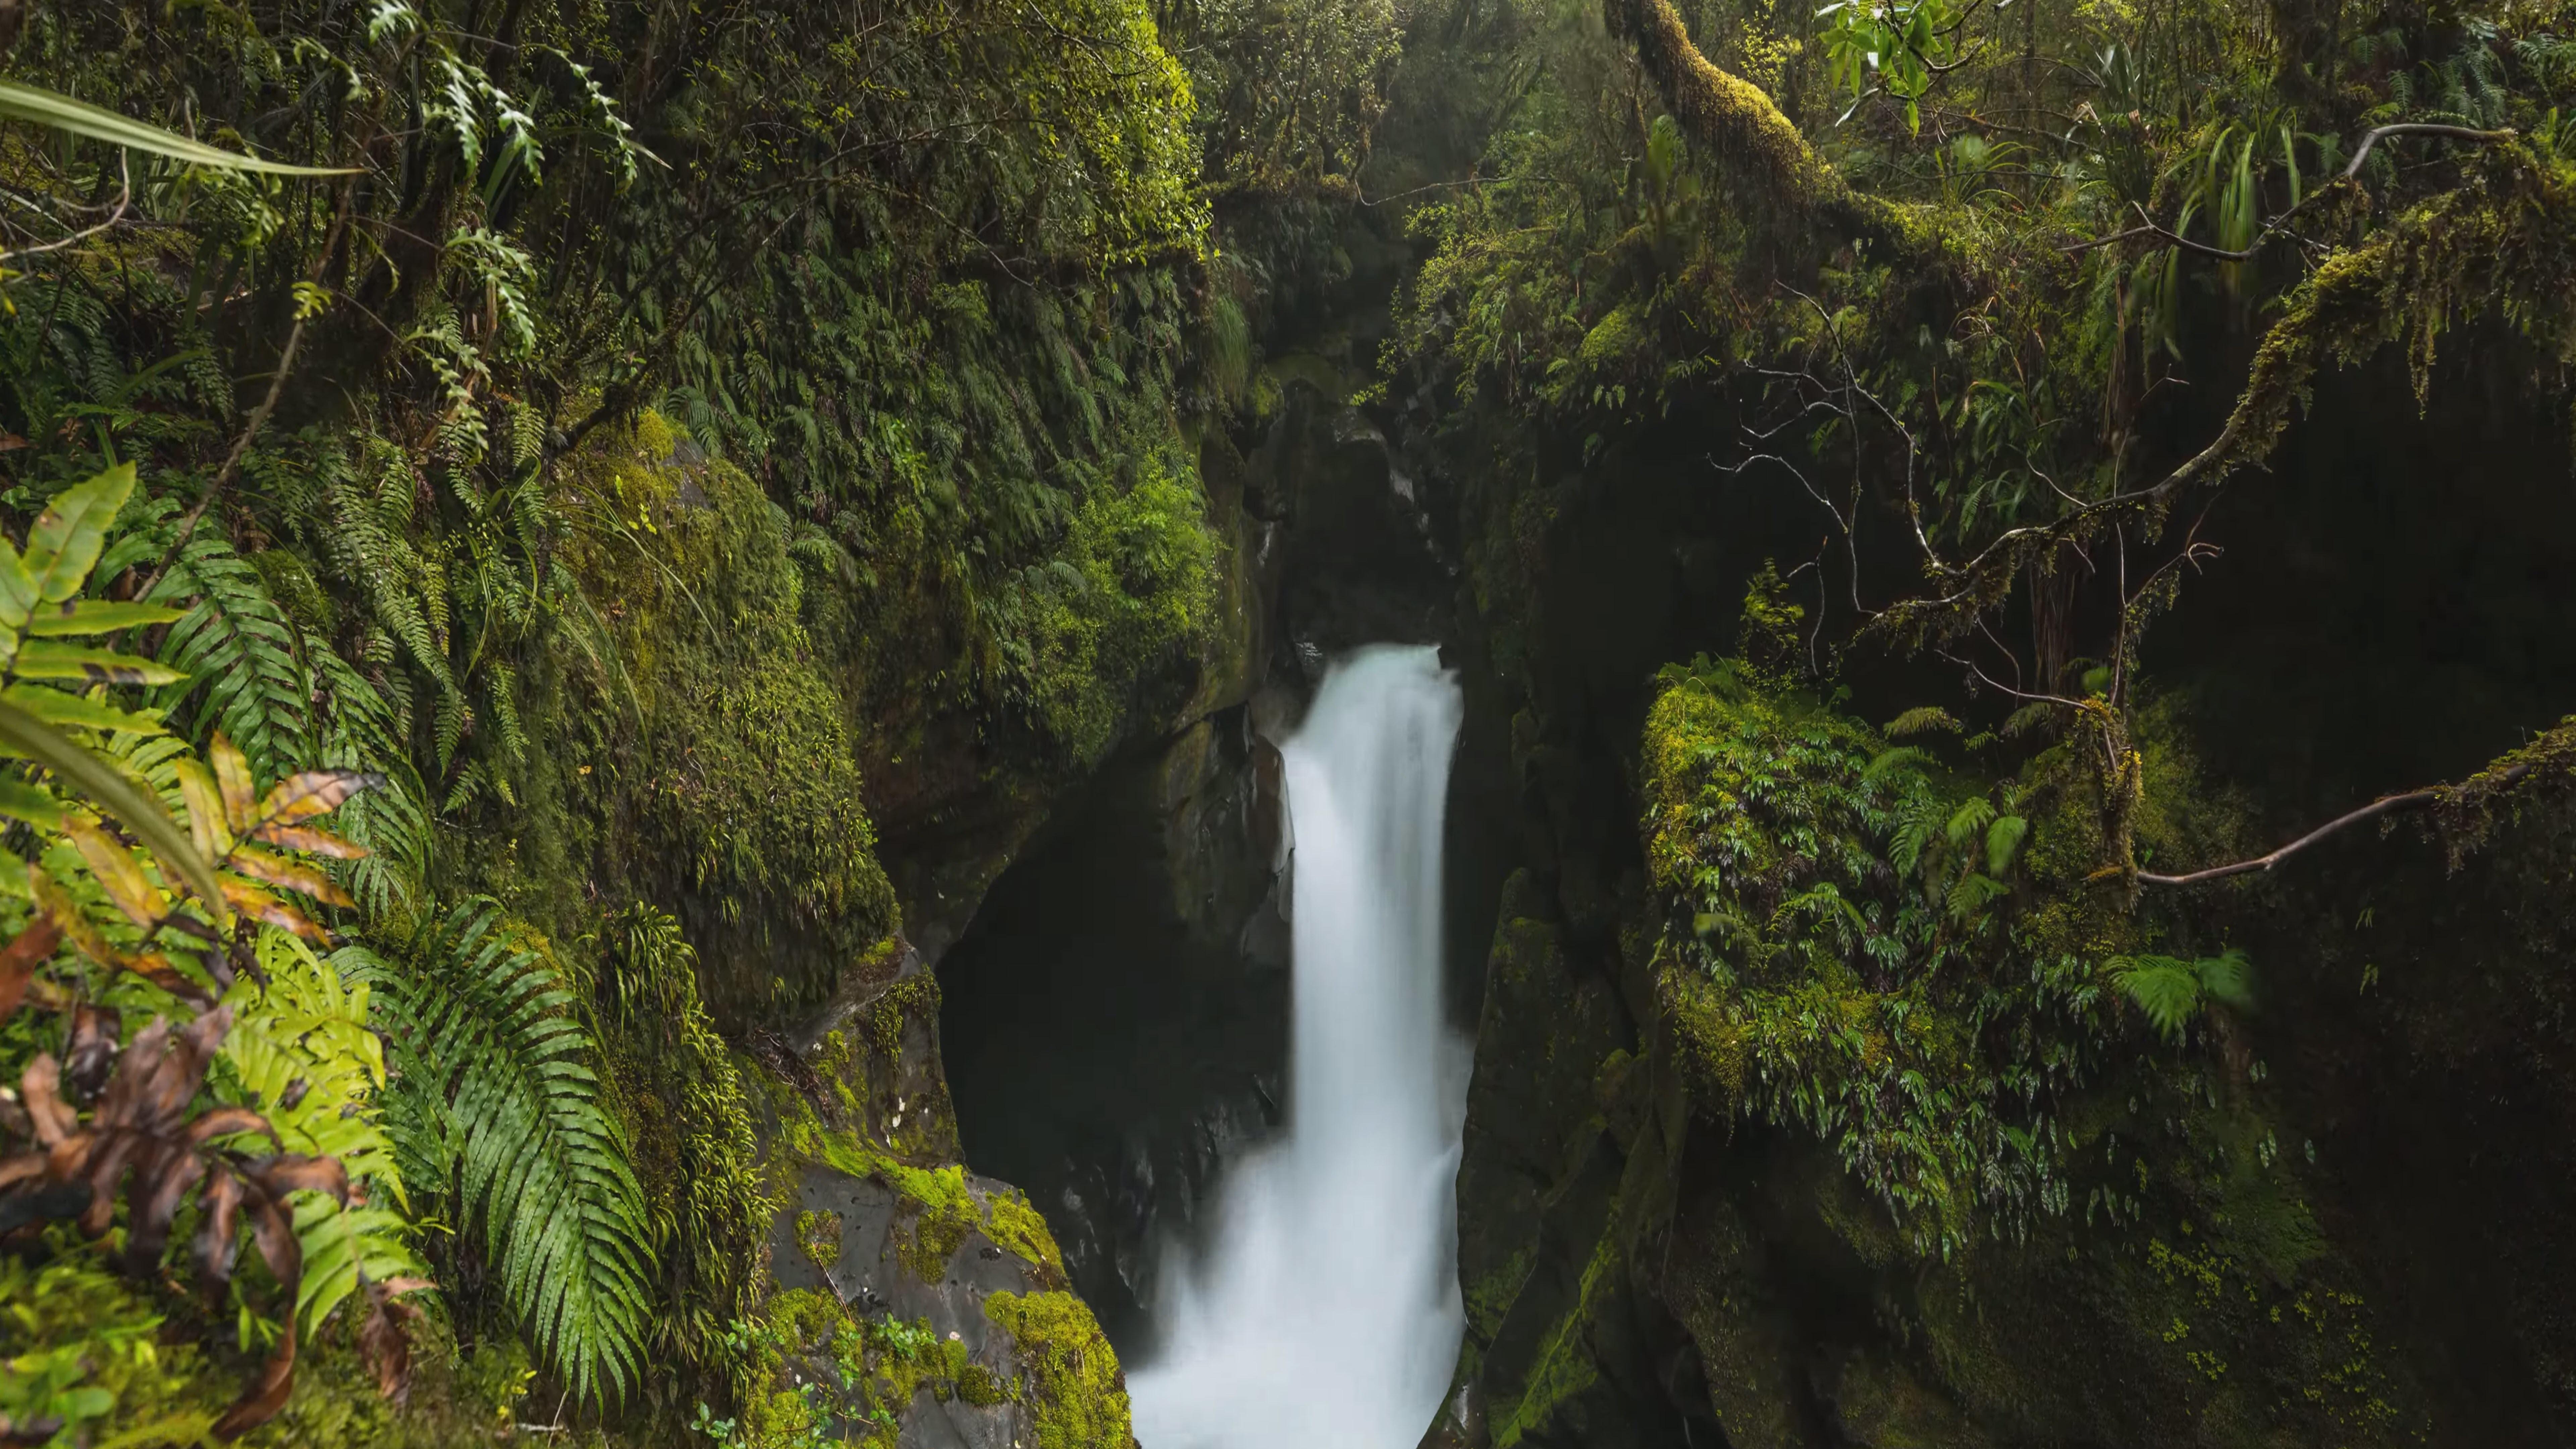 Waterfall in New Zealand wallpaper